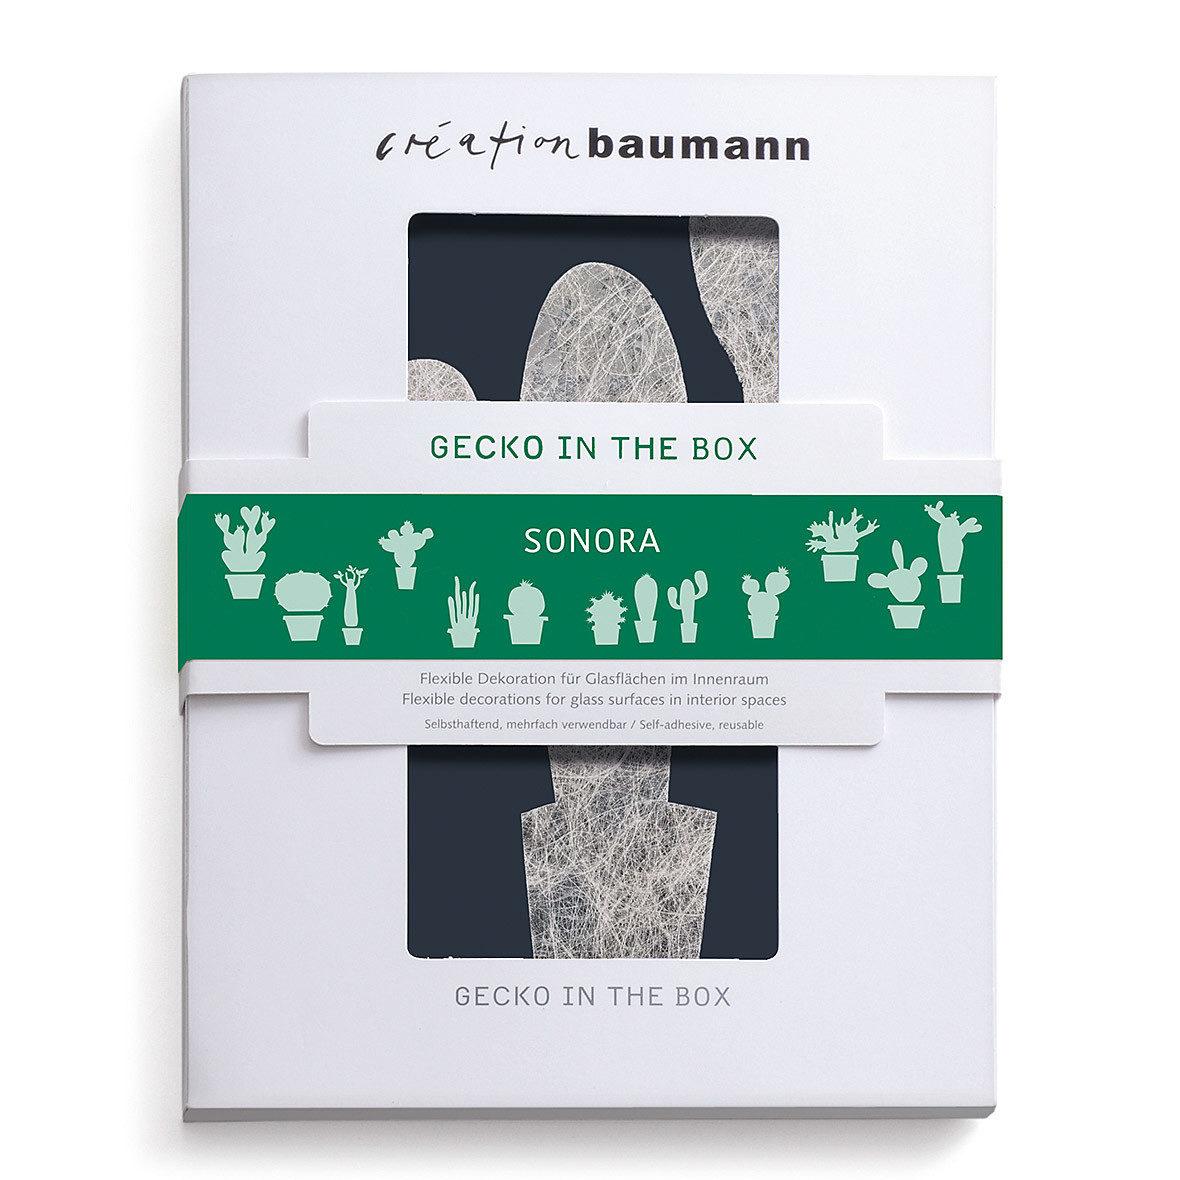 gecko in the box sonora verpackt creation baumann e1532089796930